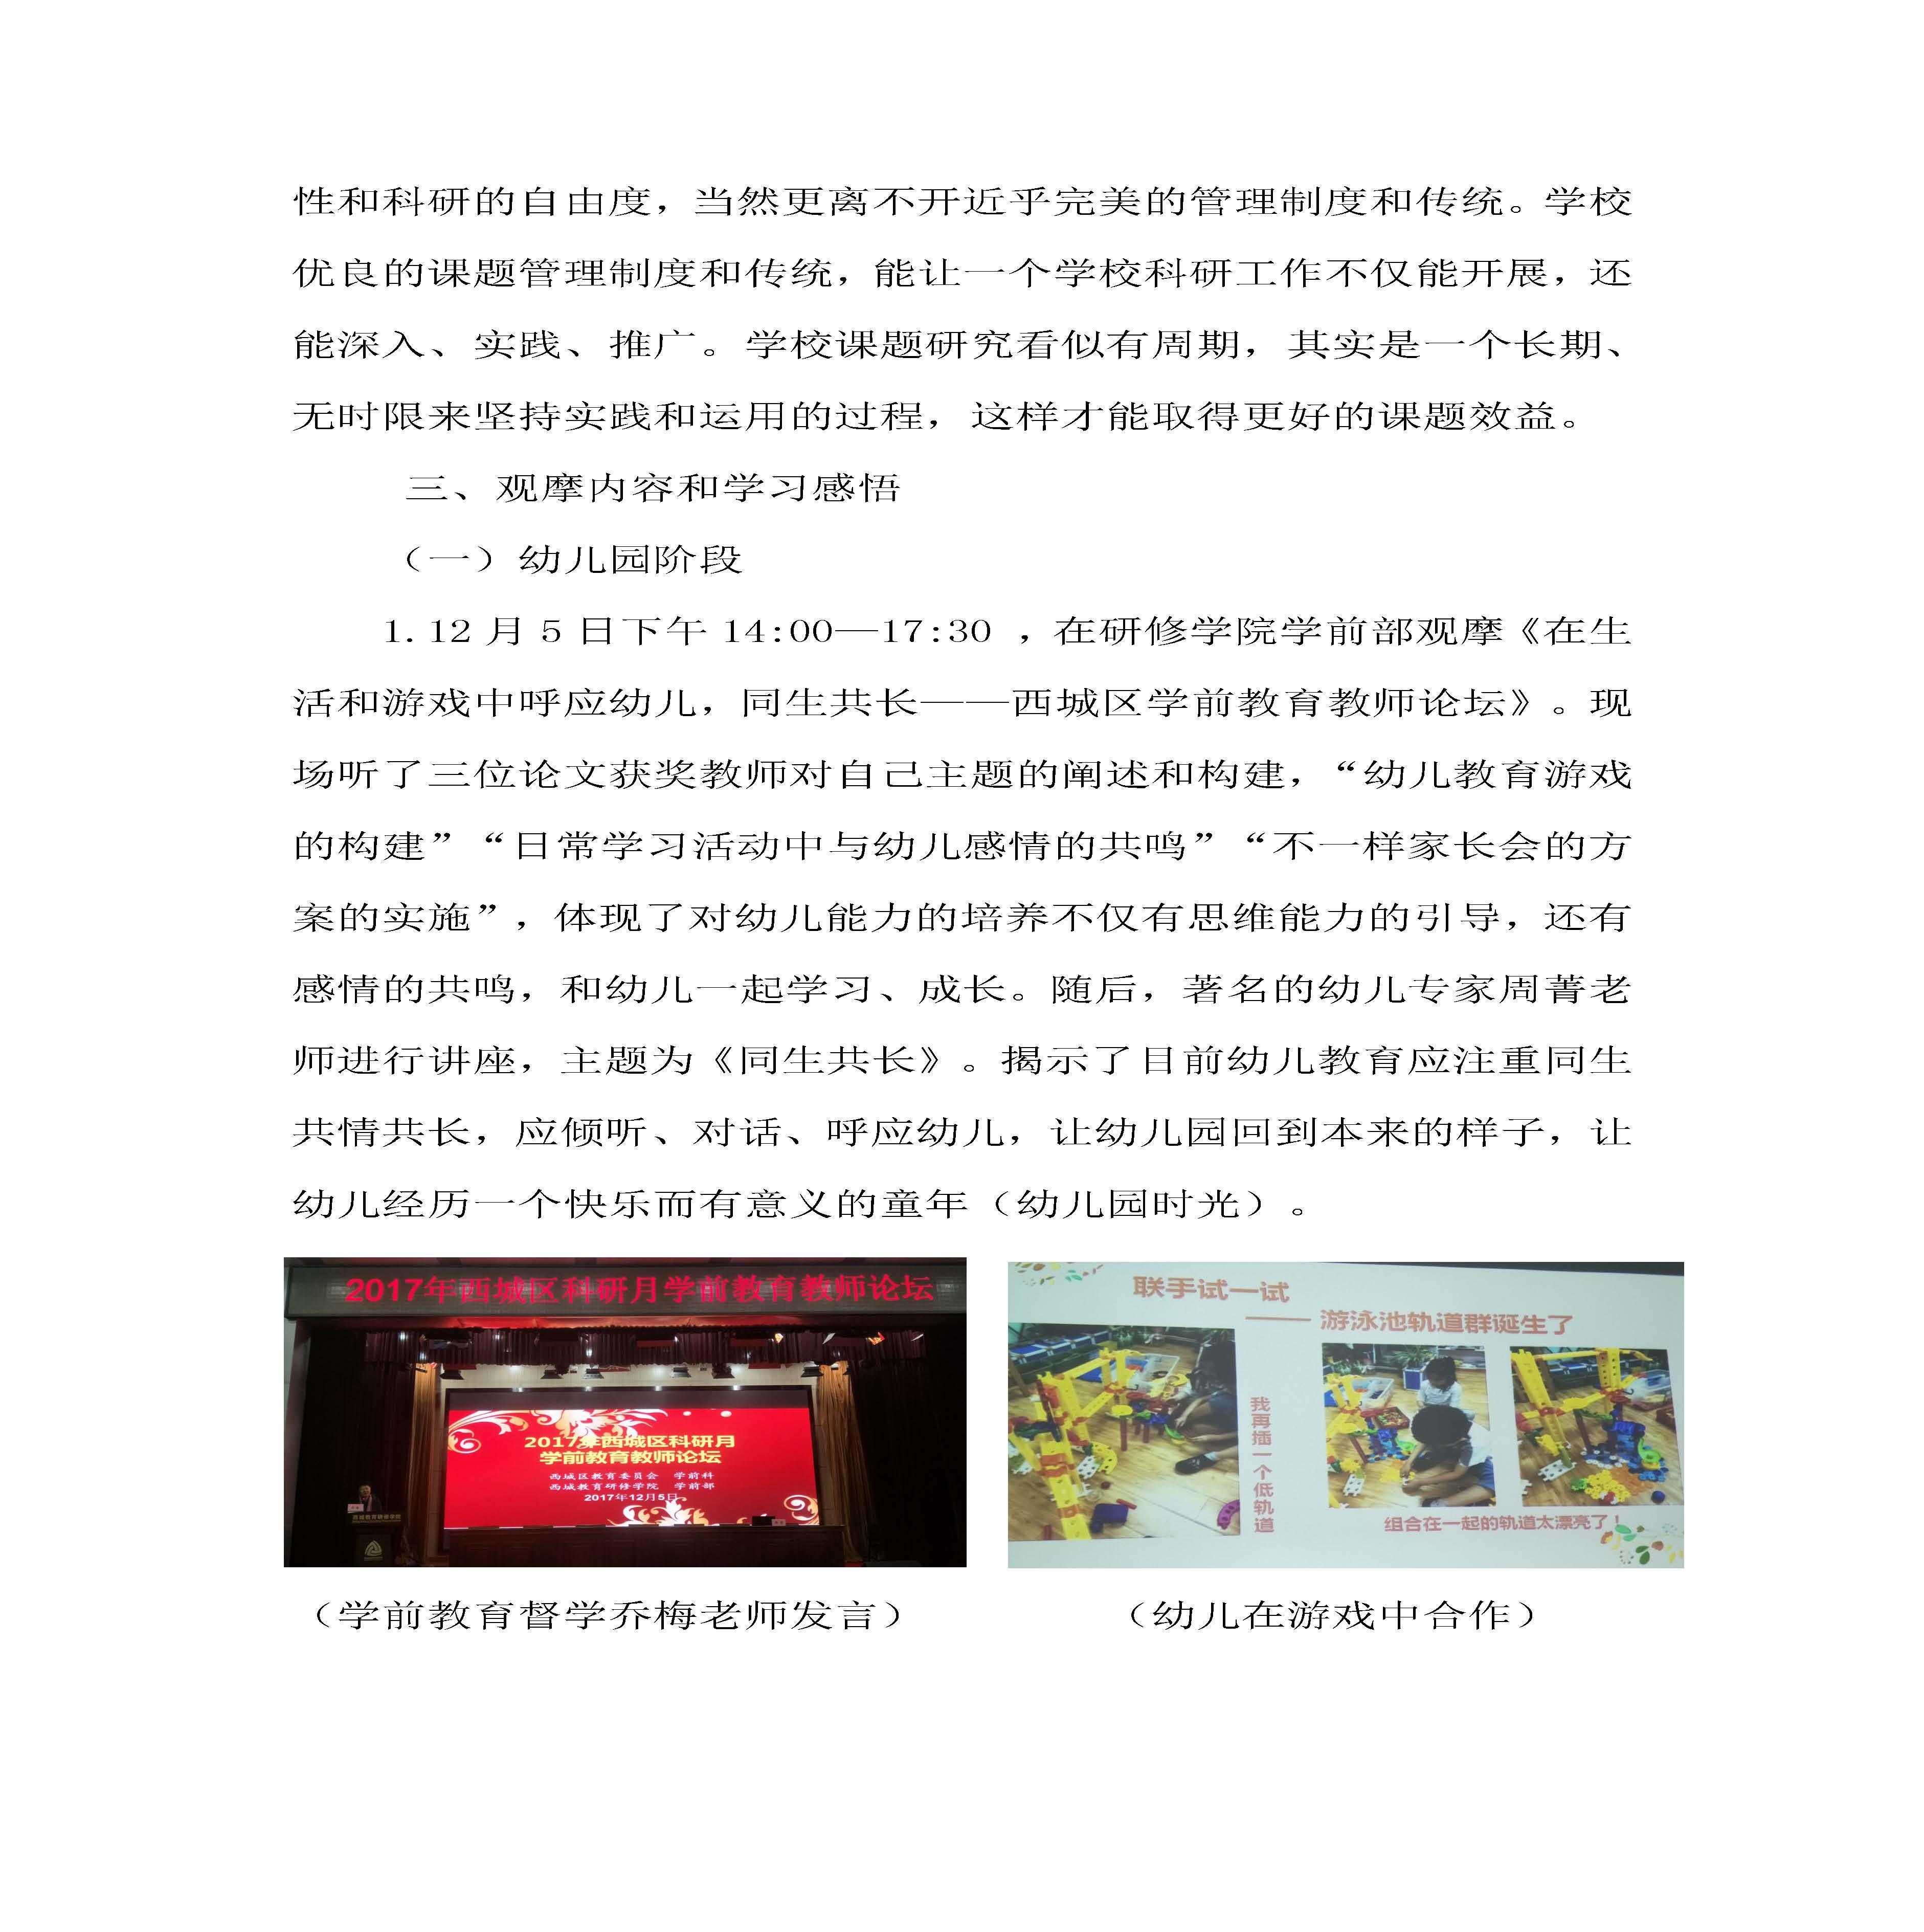 观摩2017北京市西城区科研月活动汇报材料(温俊芳12.12)_页面_2.jpg